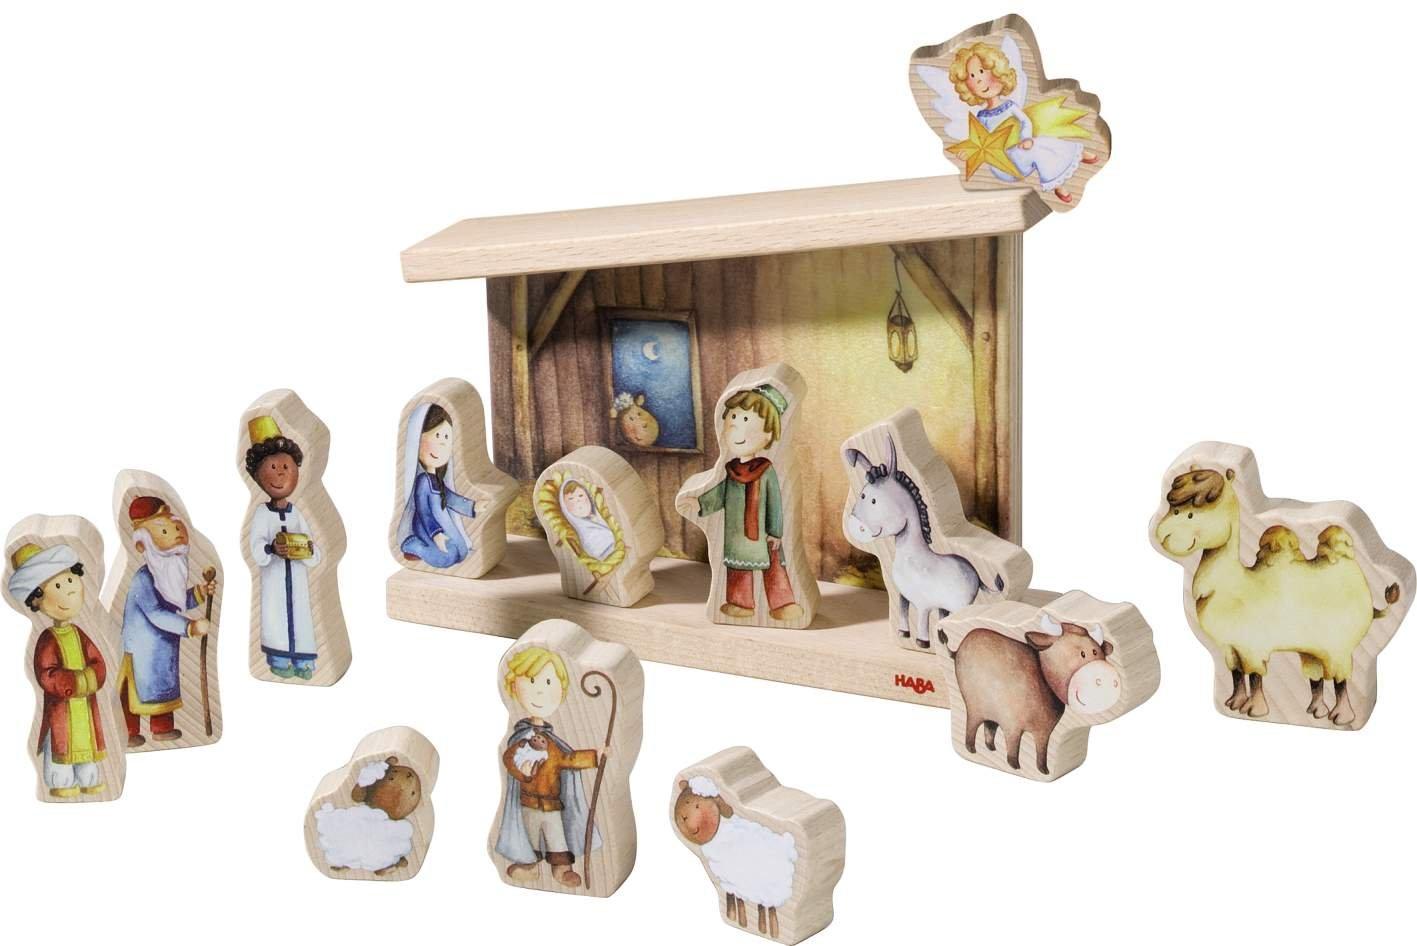 HABA 5296 - Spielkrippe - Weihnachtsgeschichte